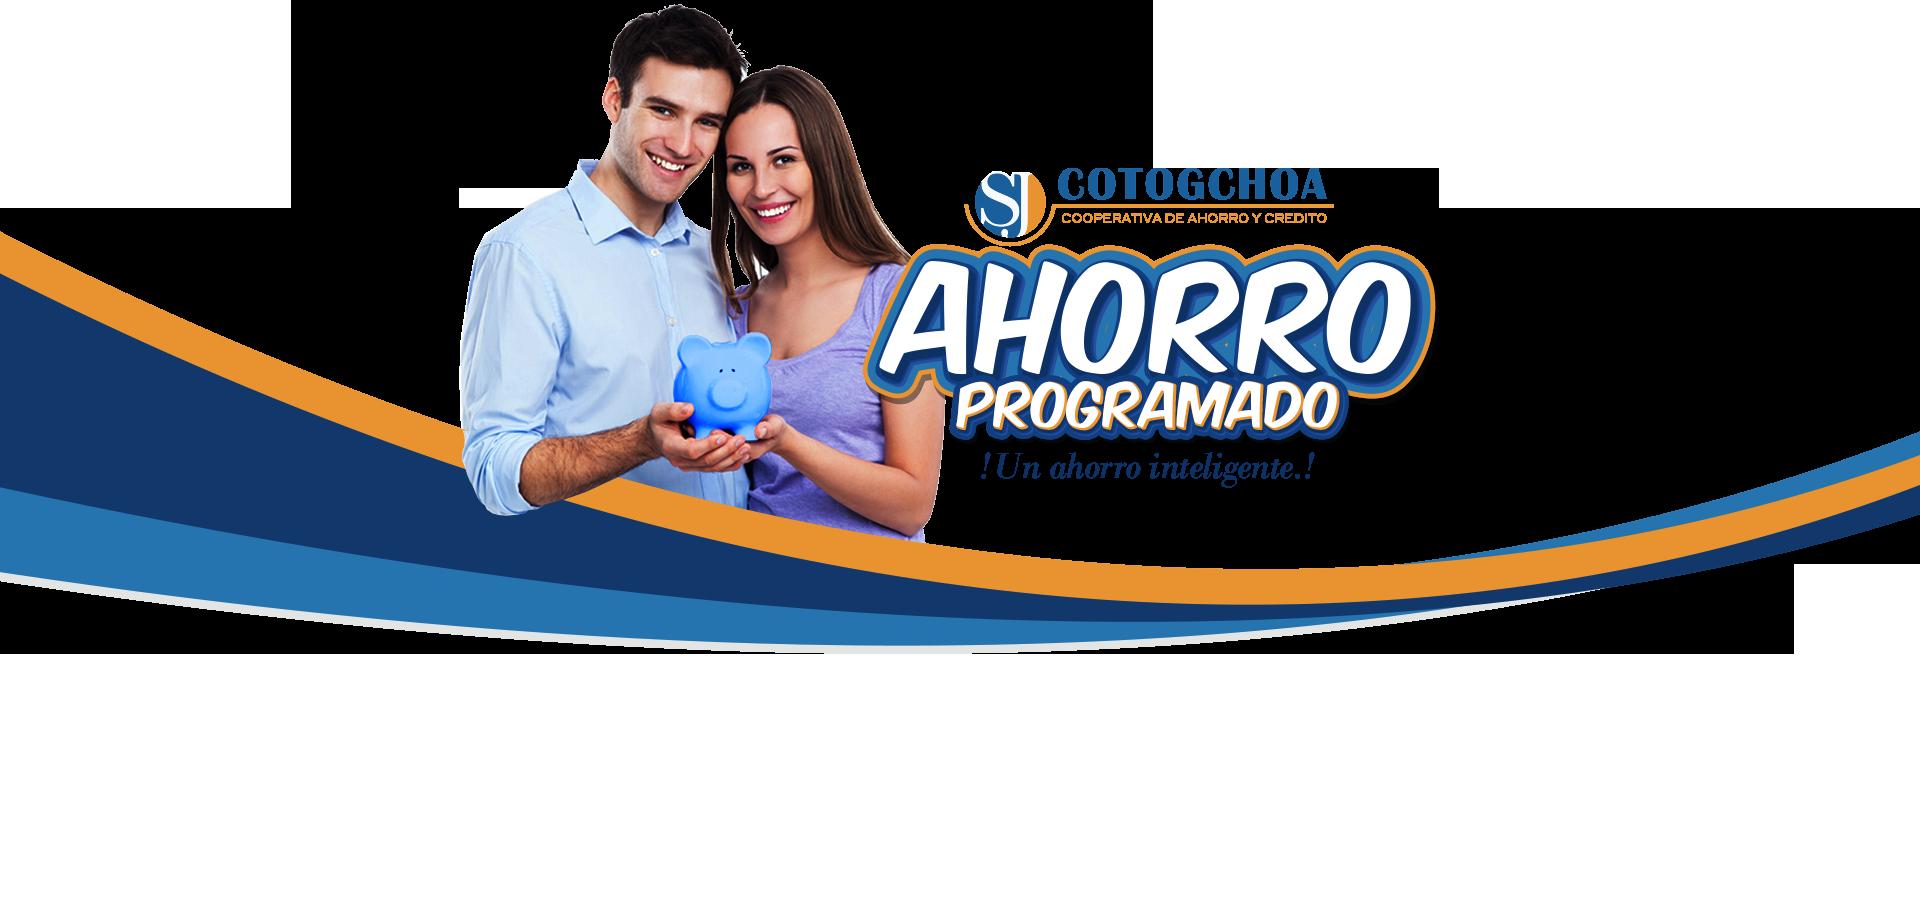 AhorroProgramado-banner-2